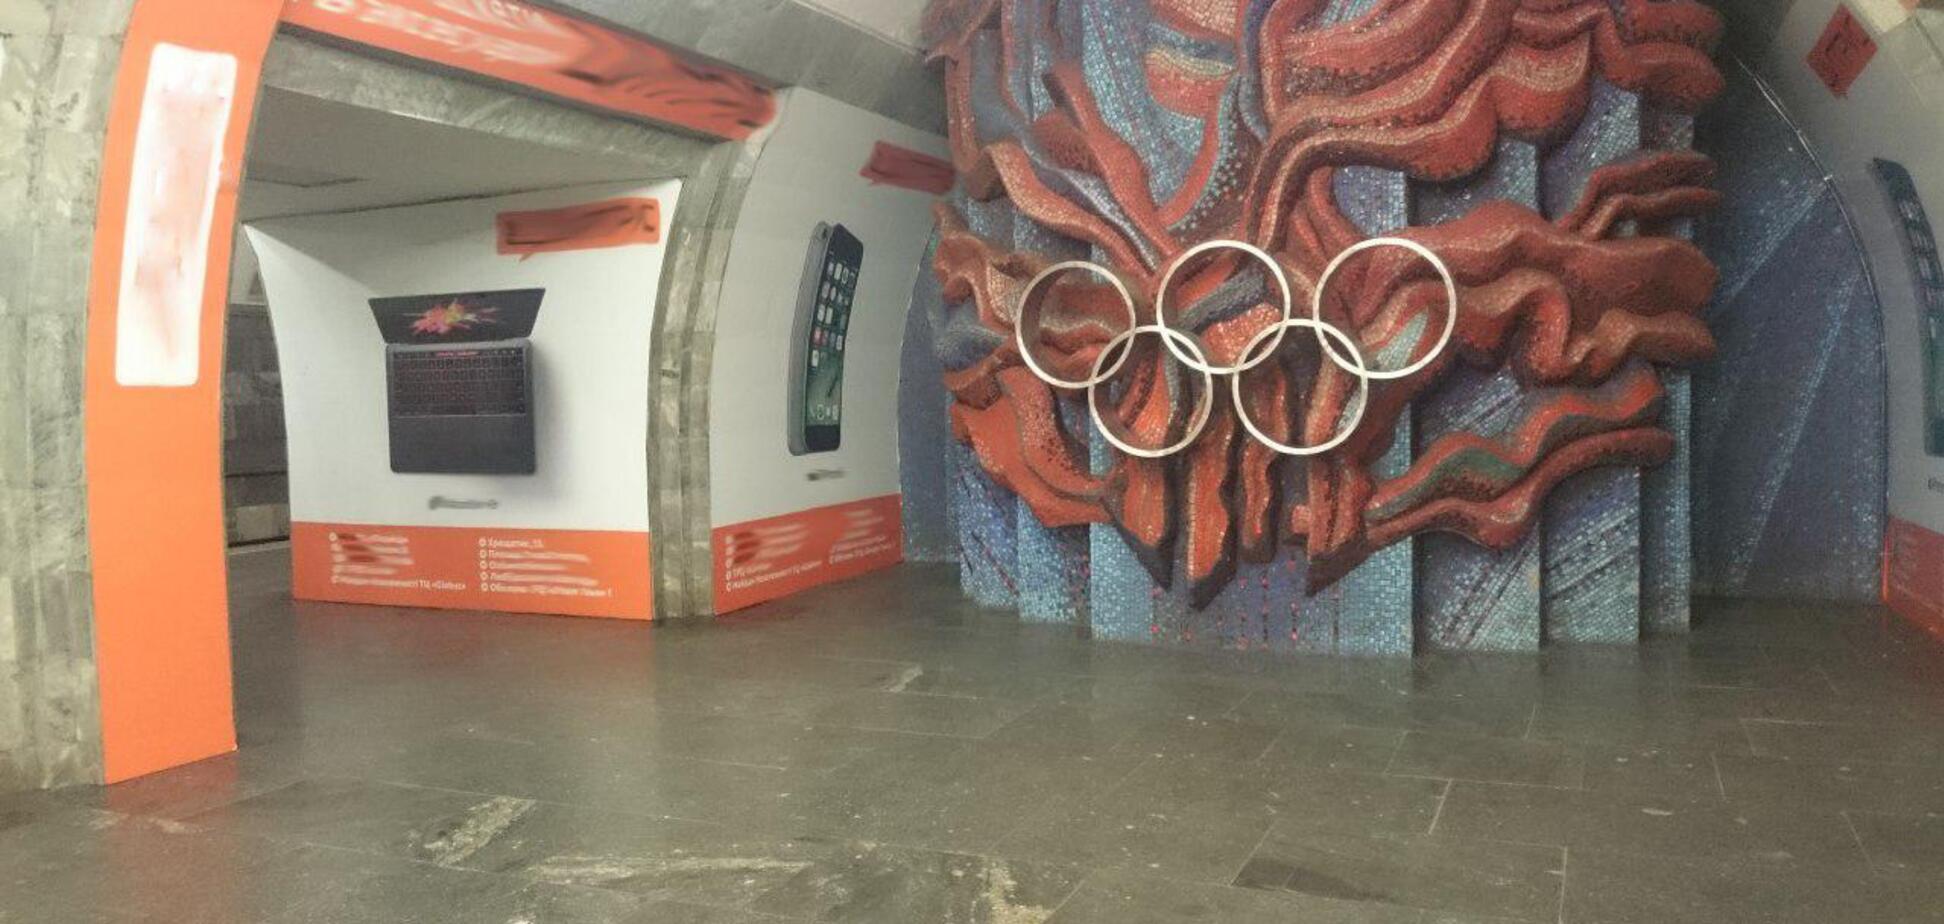 Підземний терор: як реклама спотворює київське метро